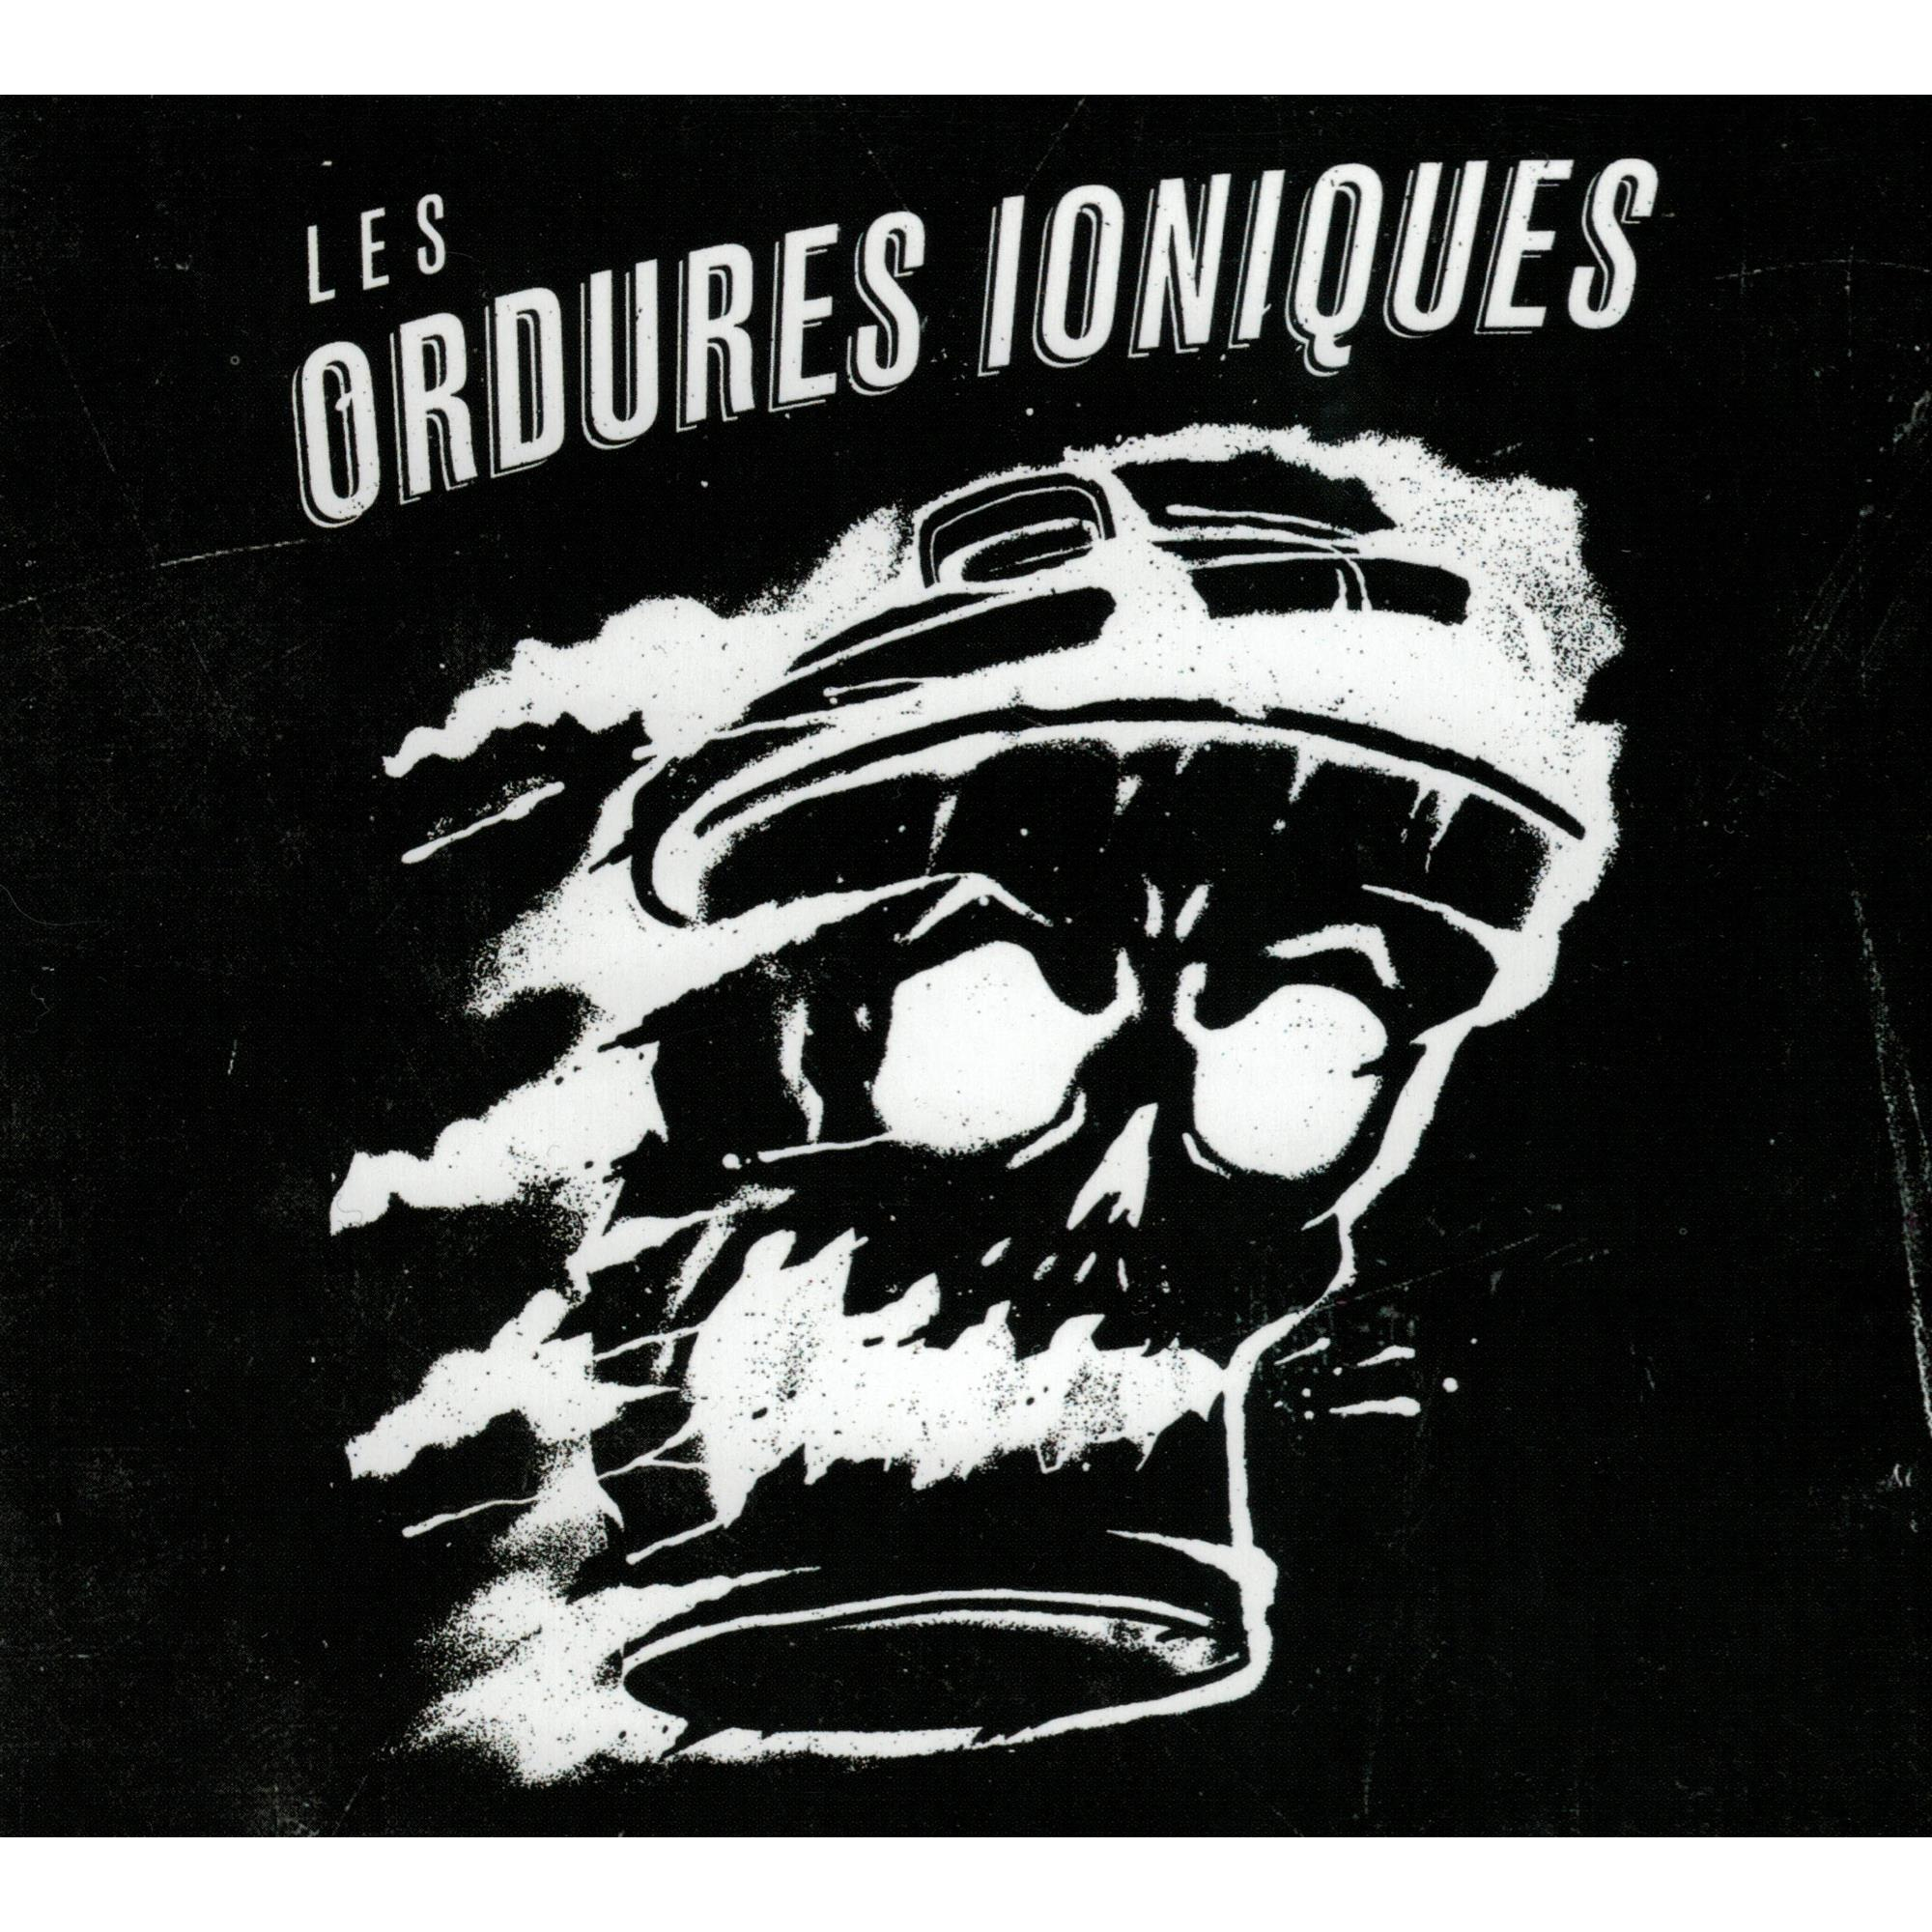 Les Ordures Ioniques CD